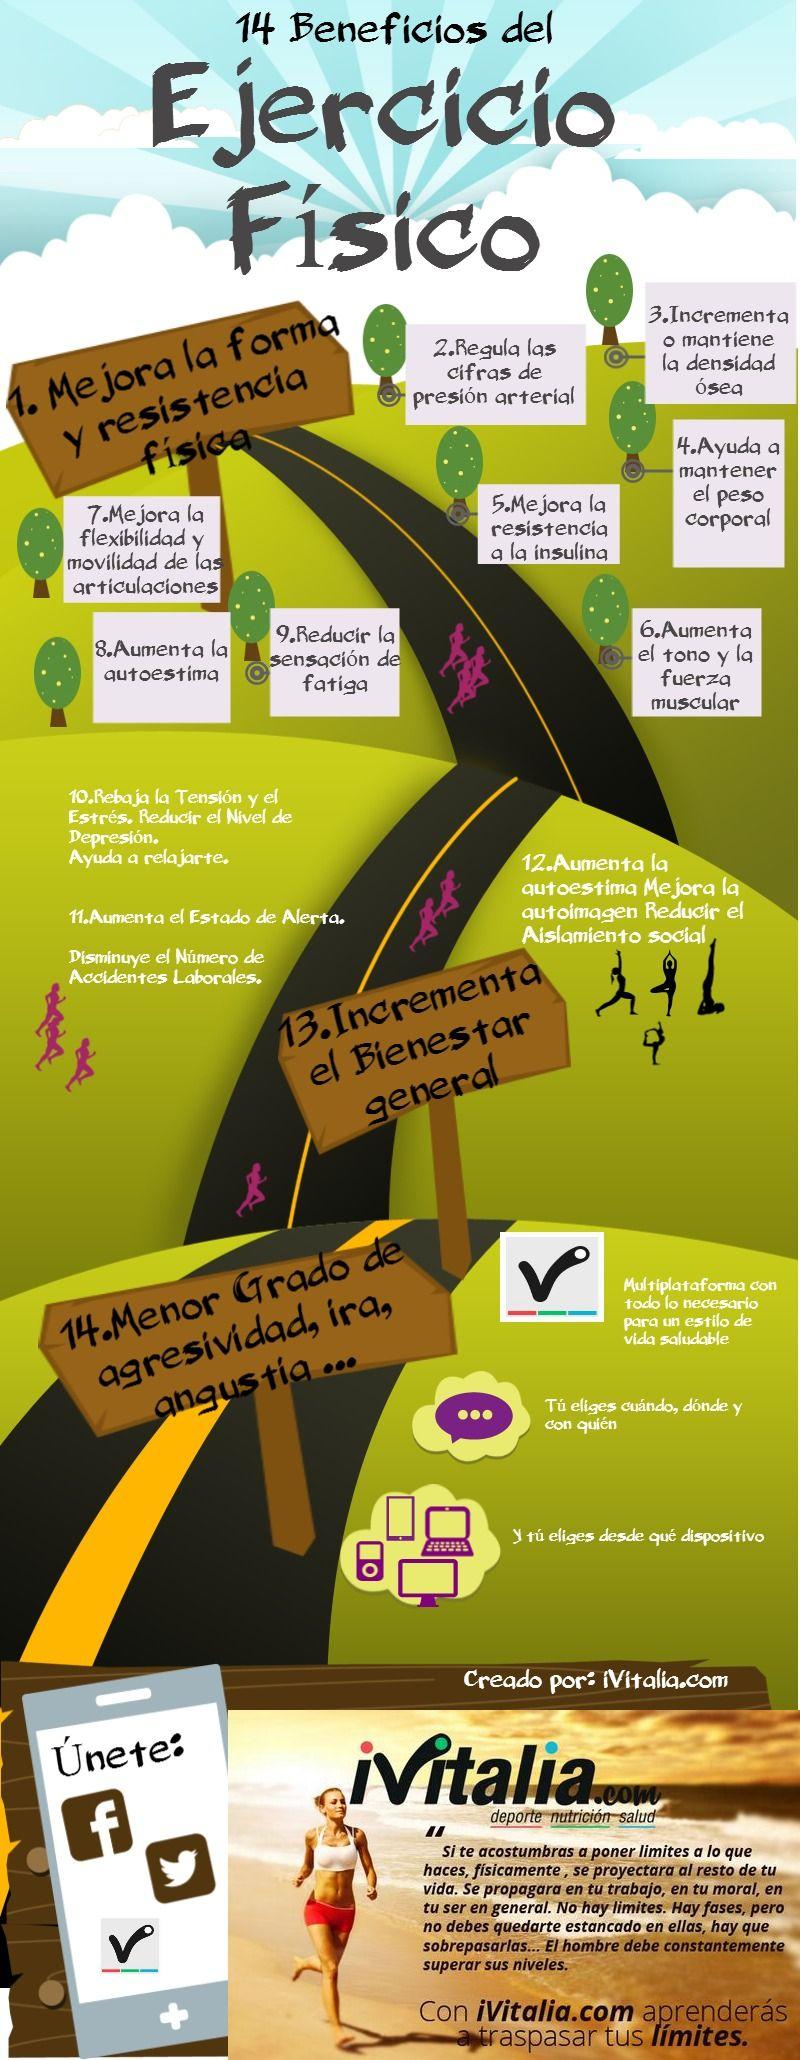 14 Beneficios Del Ejercicio Físico Deporte Salud Beneficios De Hacer Ejercicio Actividad Fisica Y Salud Beneficios Del Ejercicio